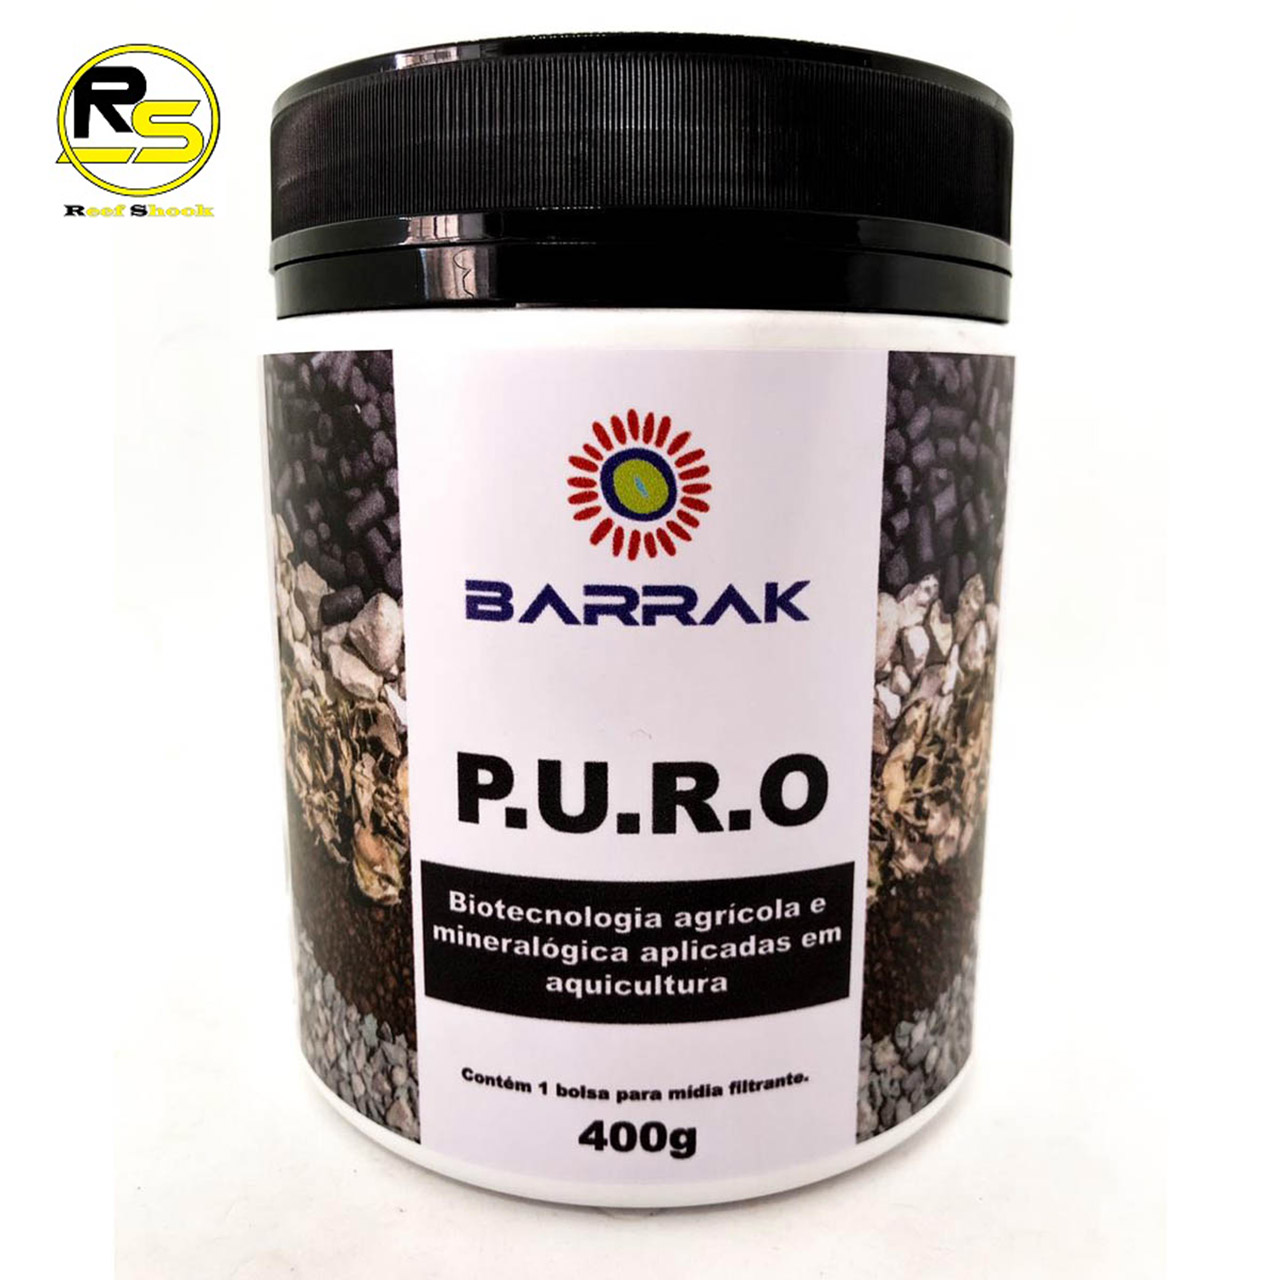 Barrak PURO com Bolsa para Midia Filtrante 400g